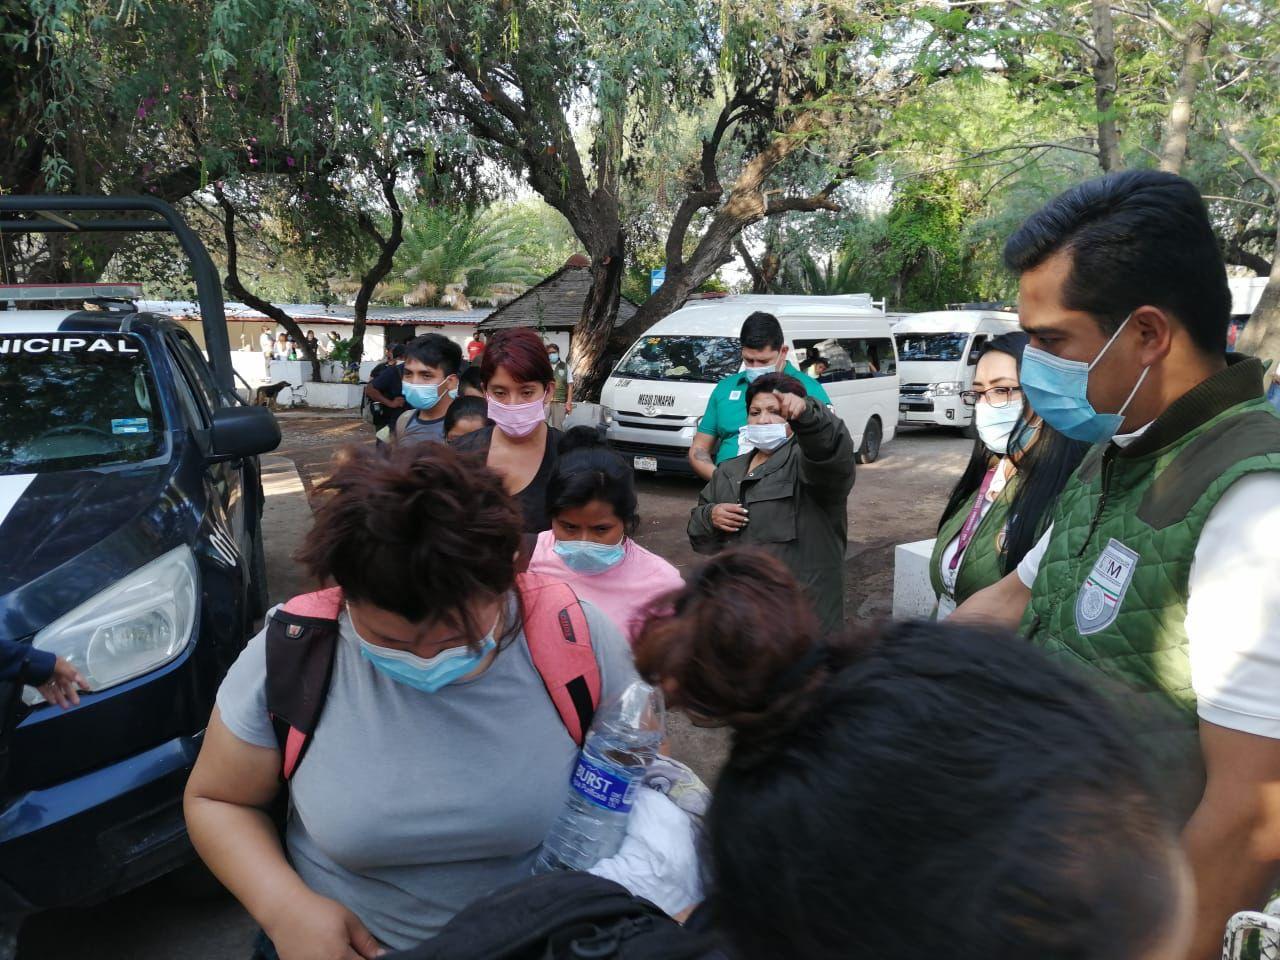 ¡Inhumanos! 104 migrantes son abandonados en remolque de caballos en Hidalgo